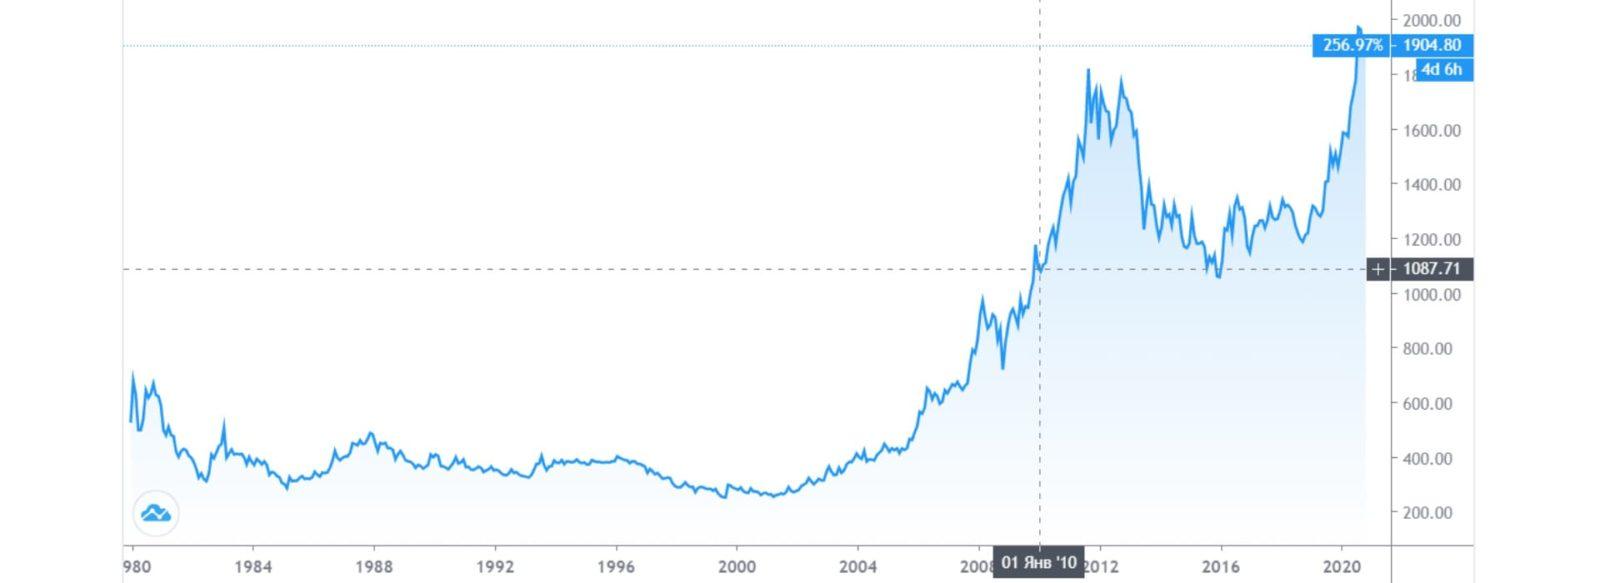 График цен на золото за 40 лет